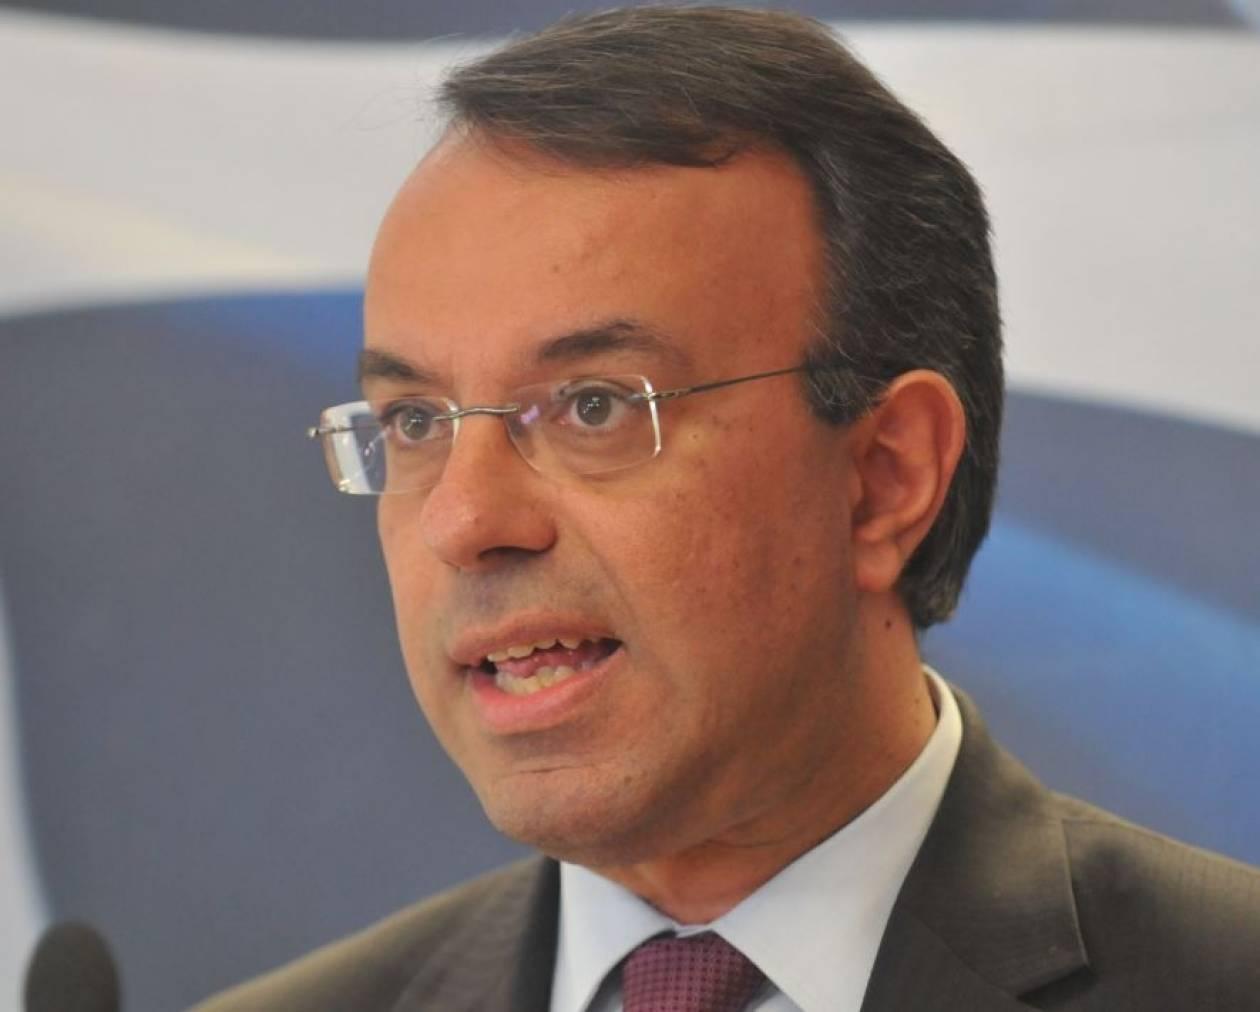 Νομοσχέδιο αναμόρφωσης της δημοσιονομικής διαχείρισης φέρνει το ΥΠΟΙΚ